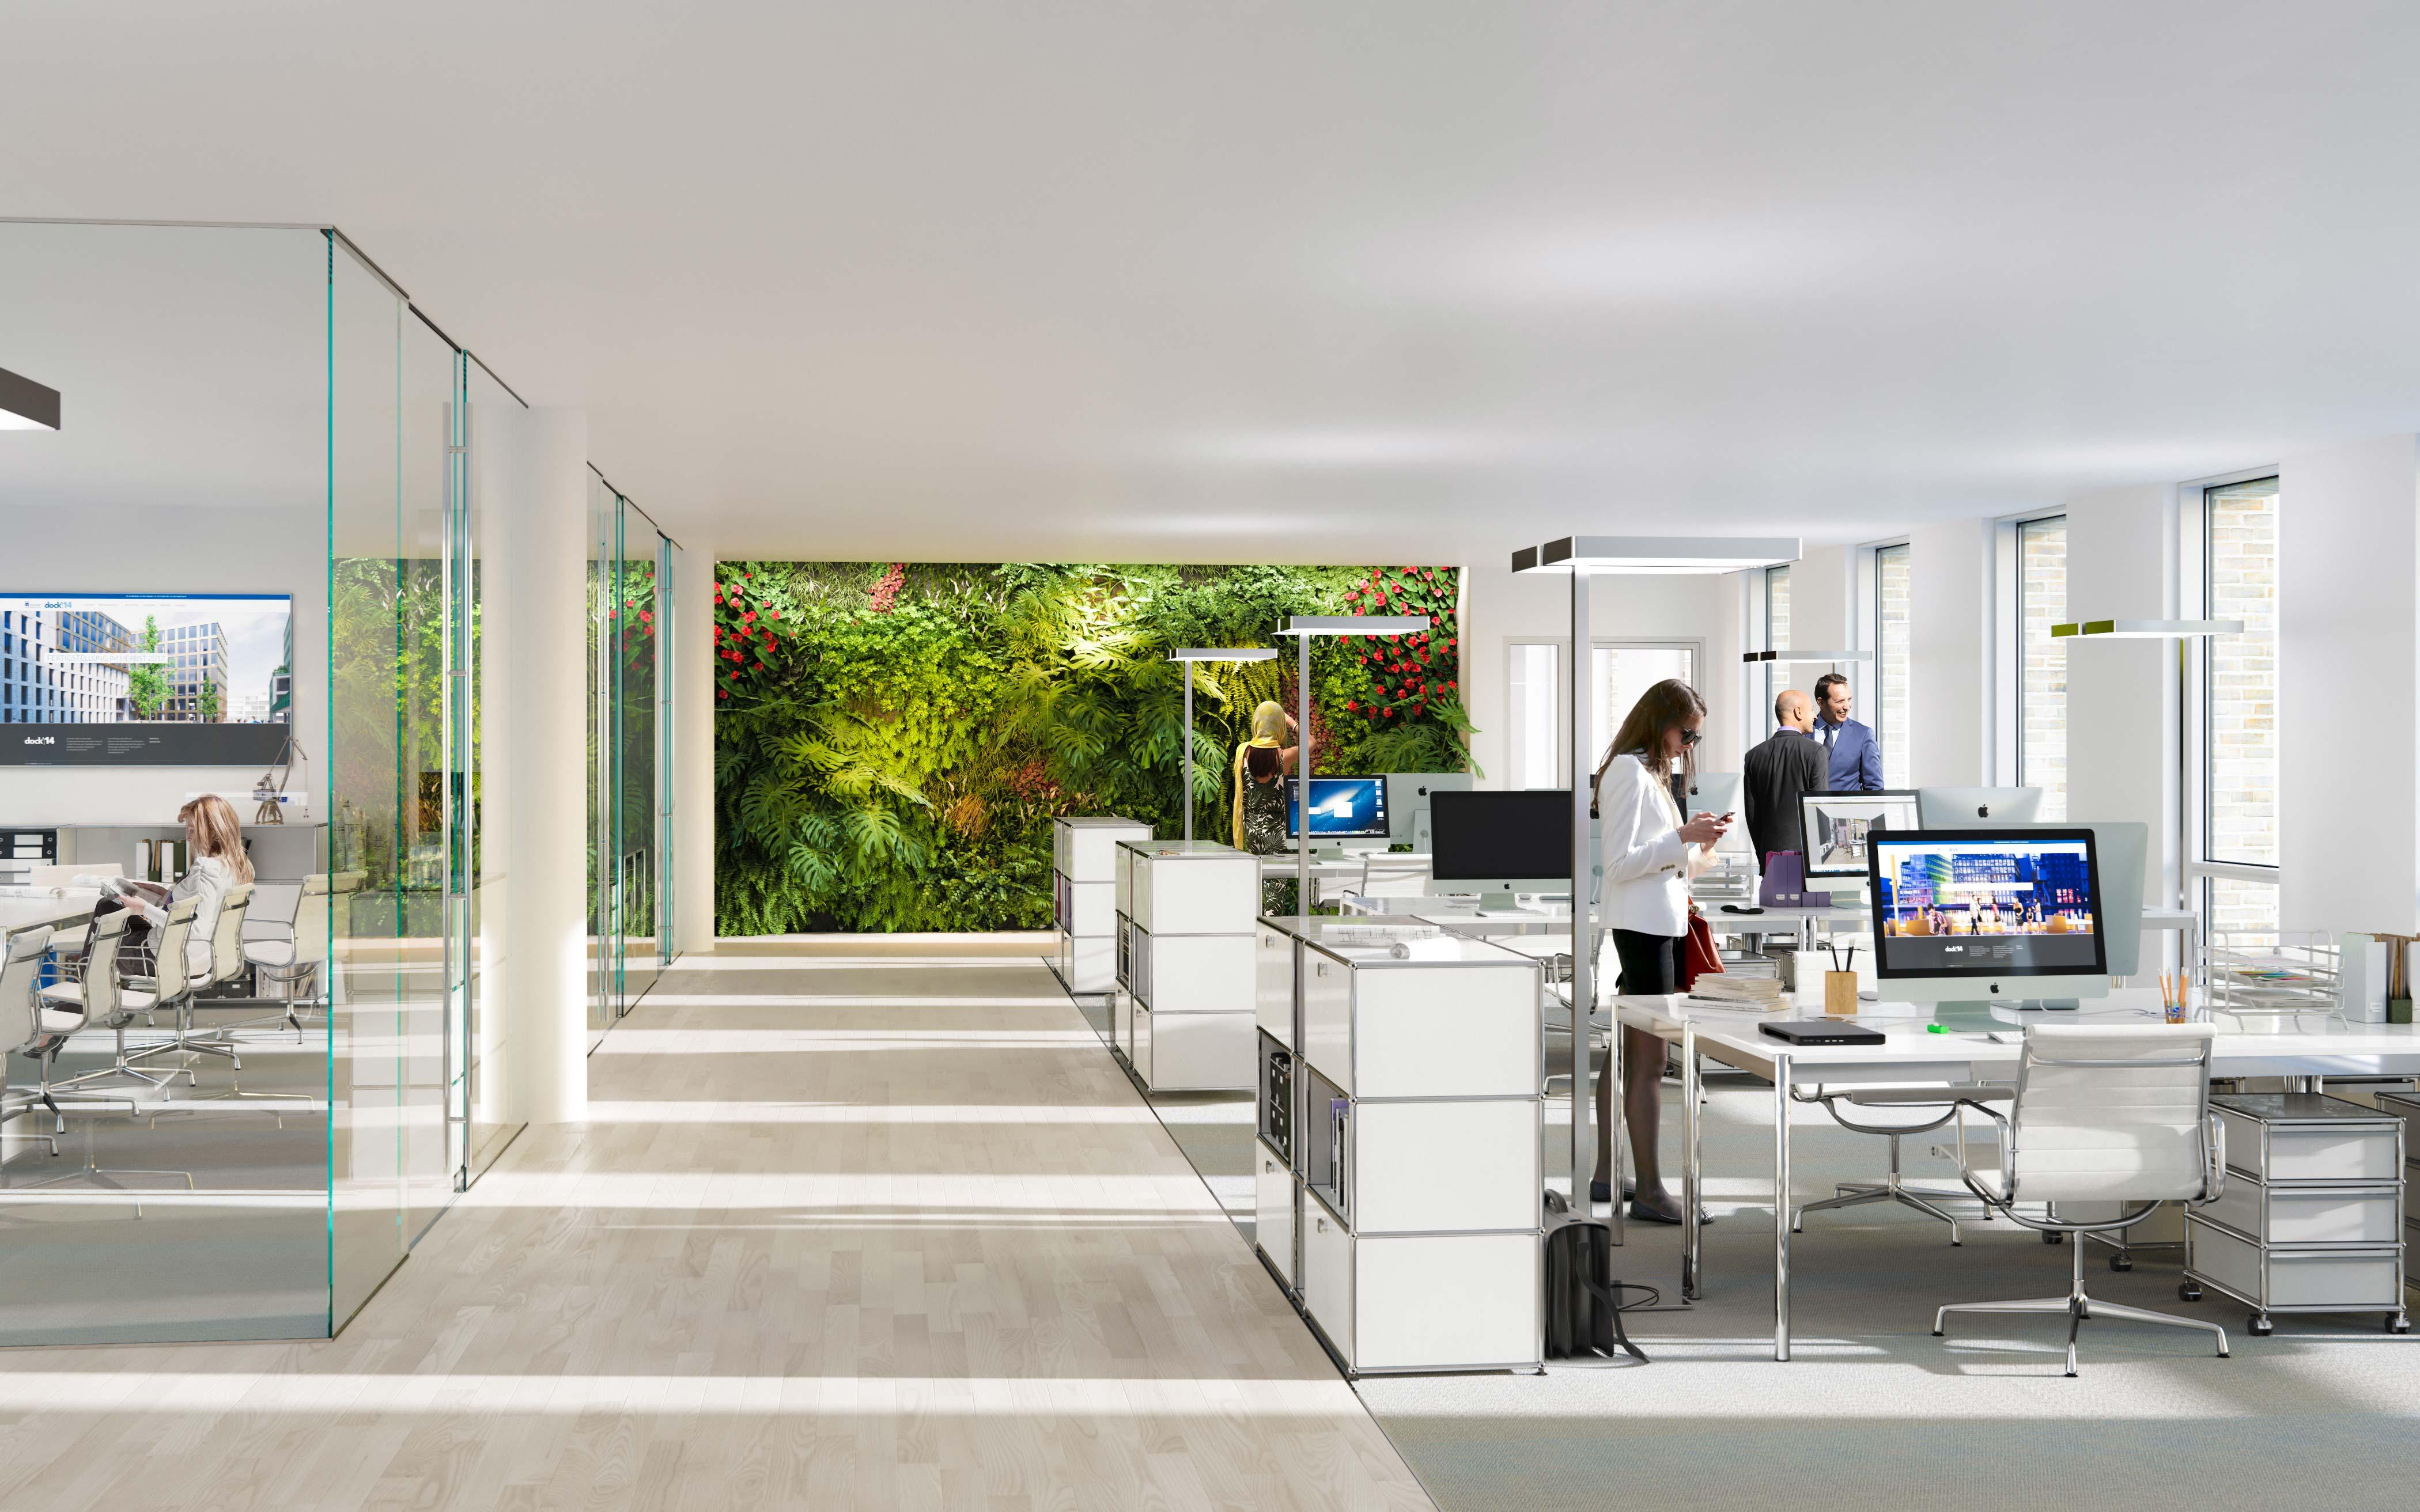 Maas Und Partner renderfriends architekturvisualisierung die überzeugt